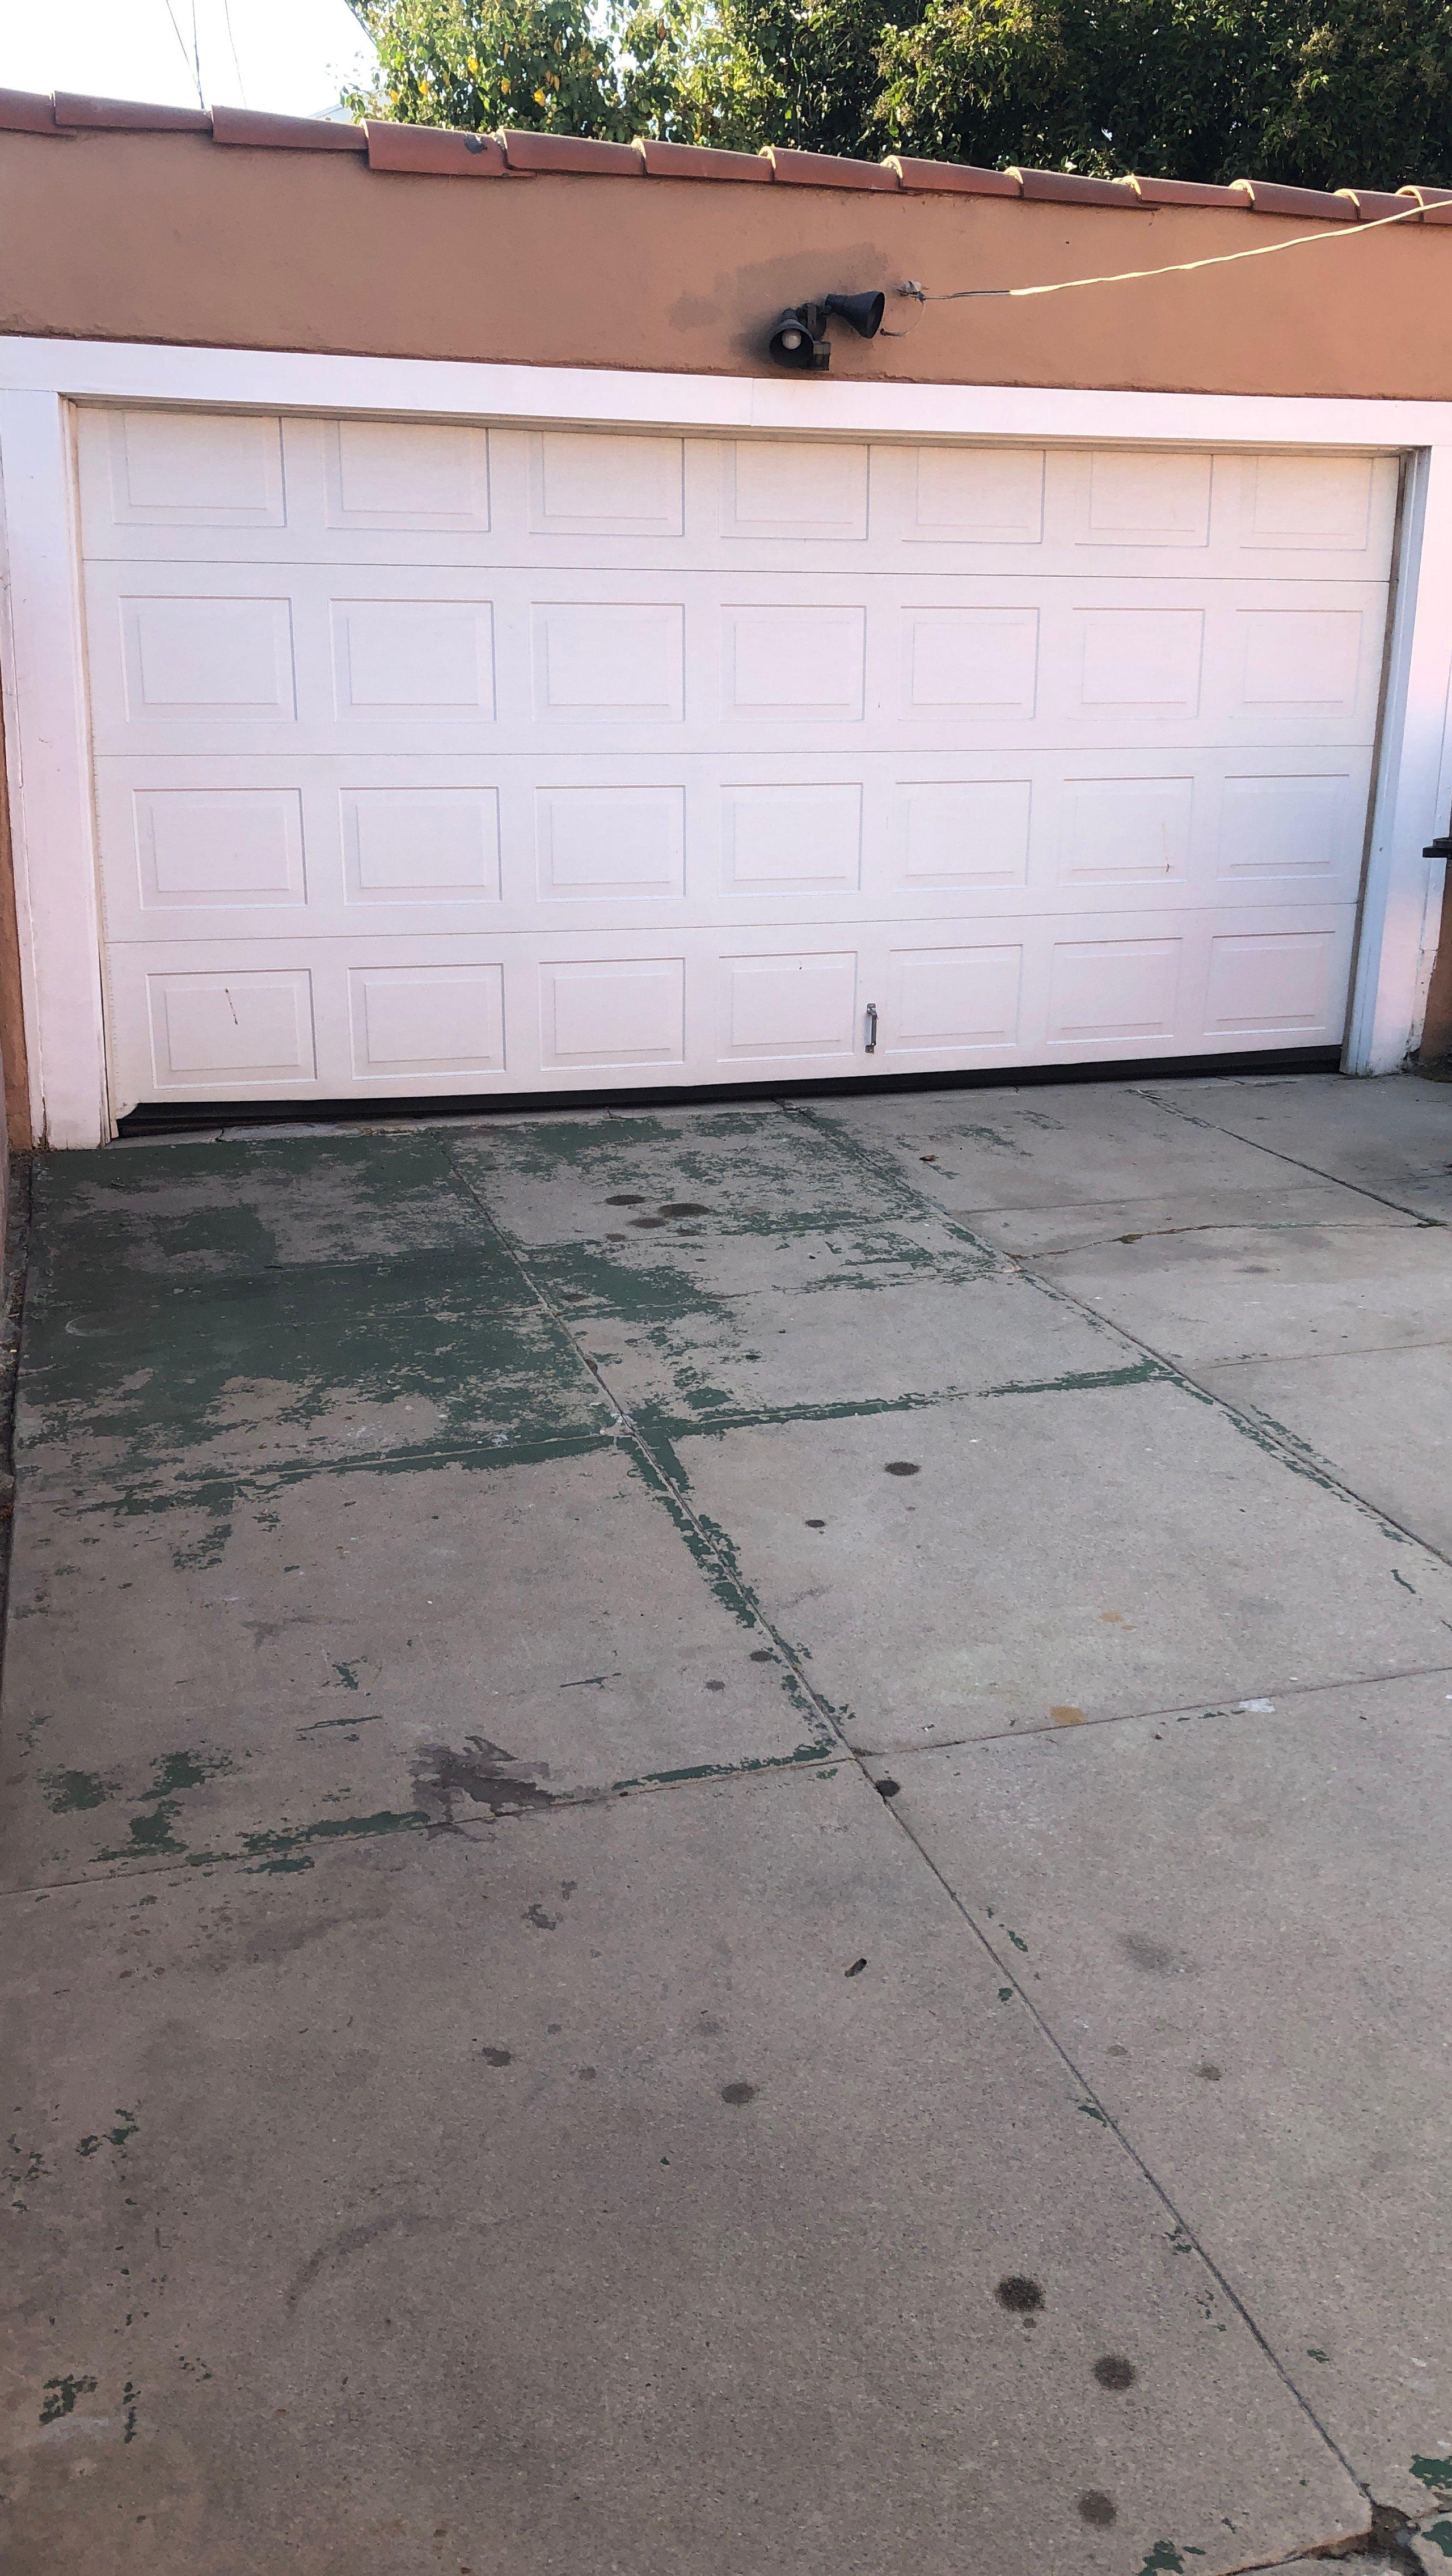 14x7 Garage self storage unit